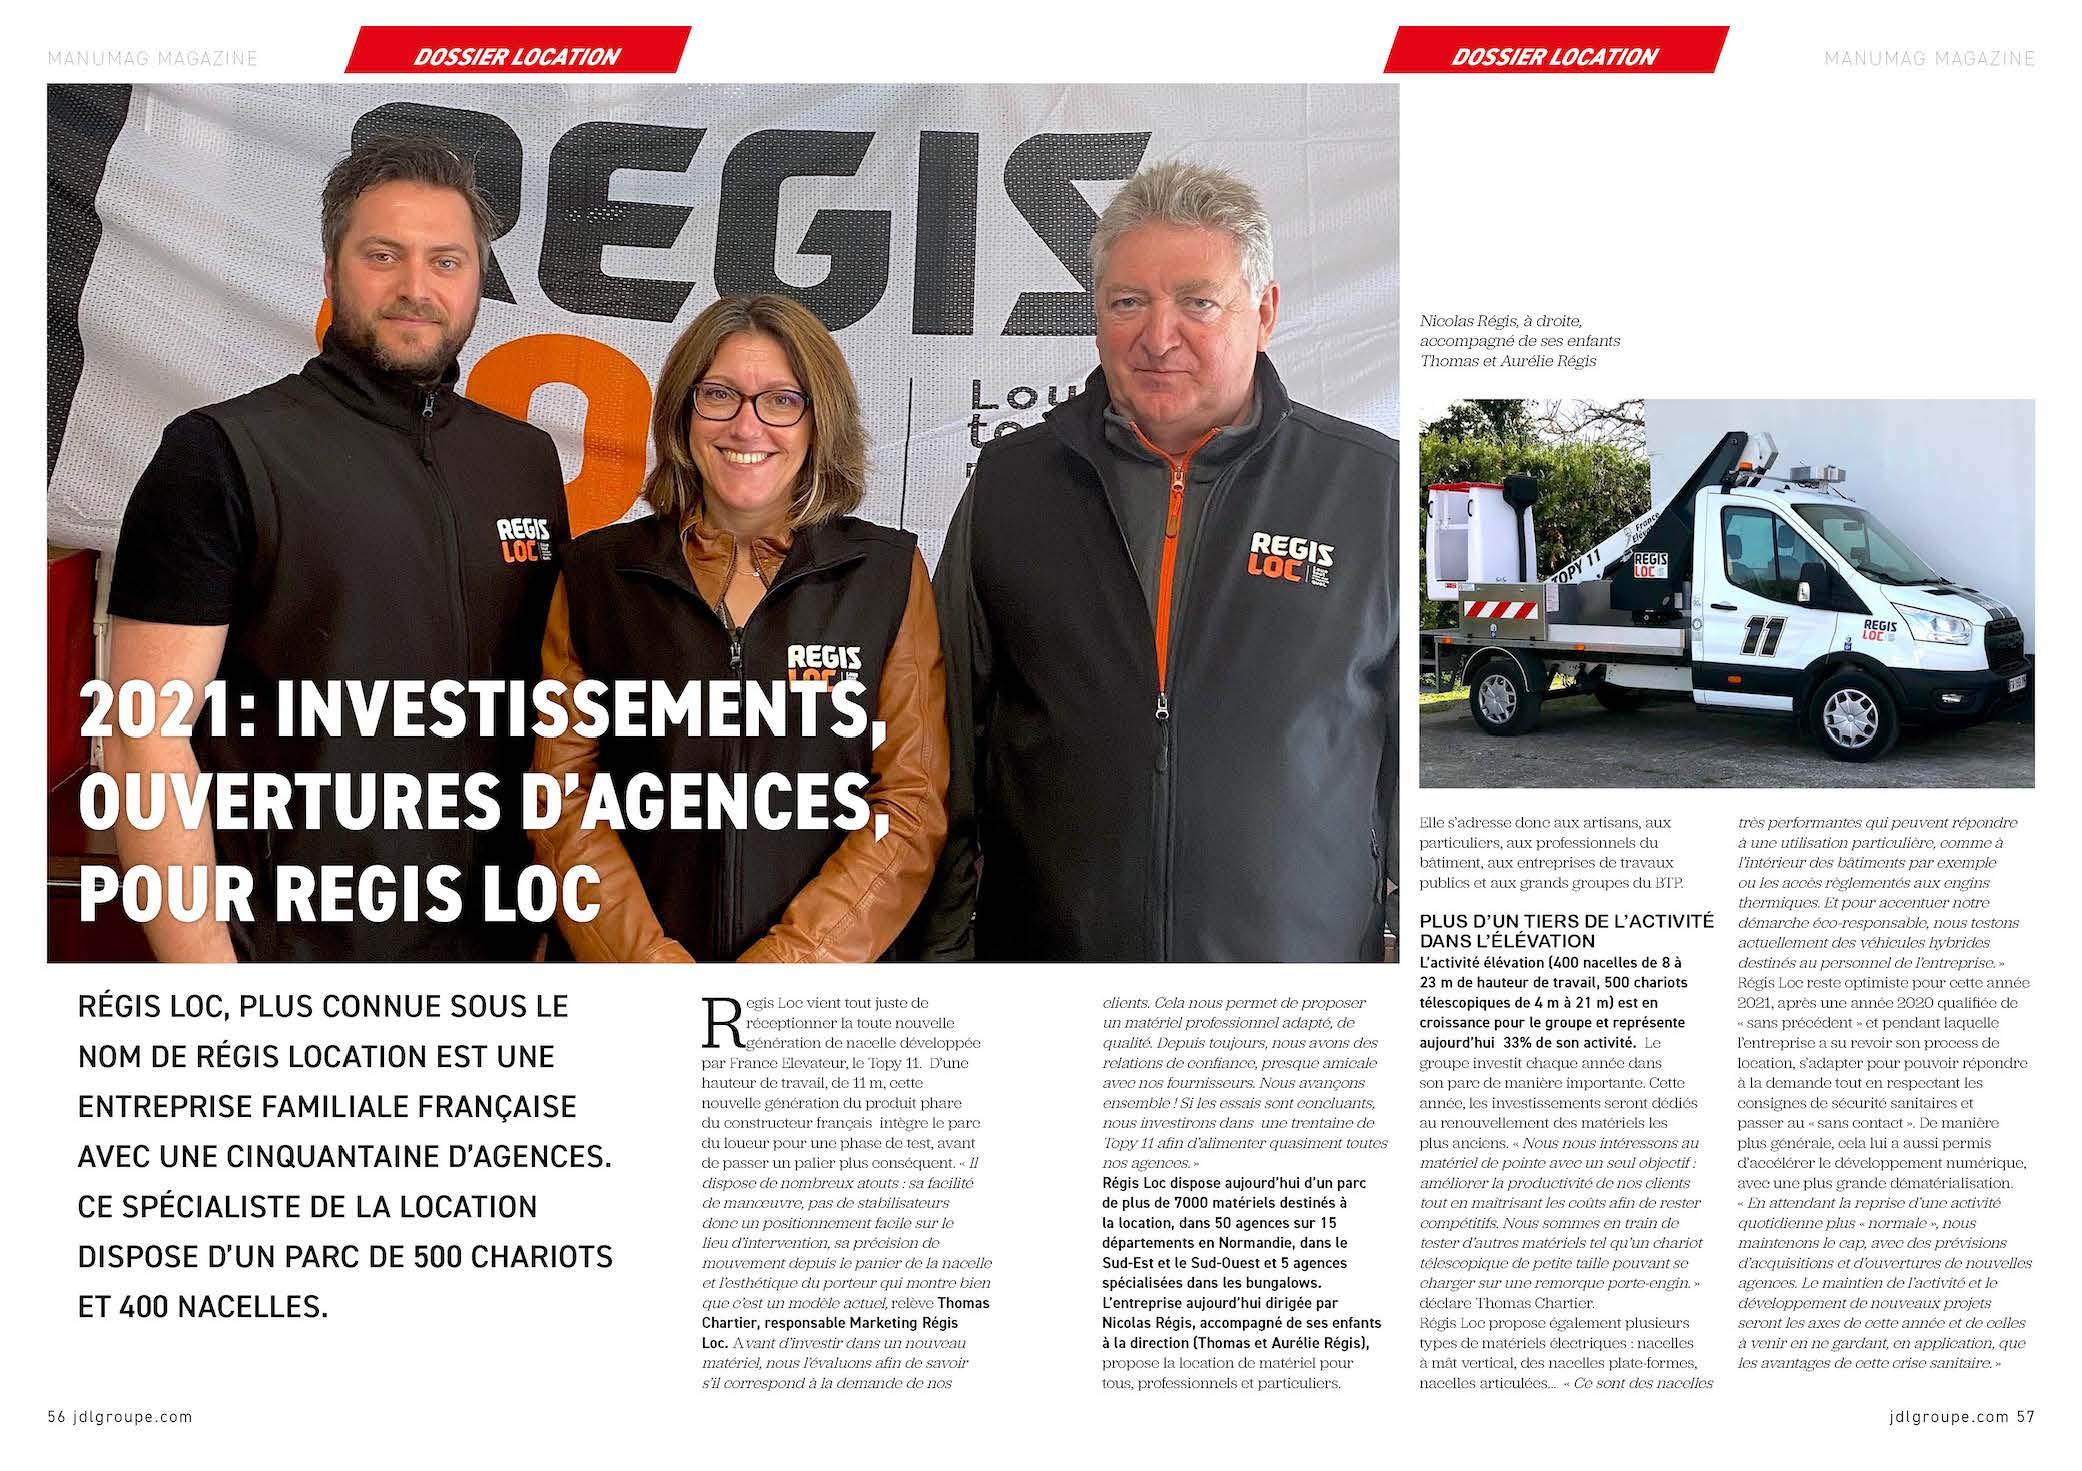 Nouvel article REGIS LOC